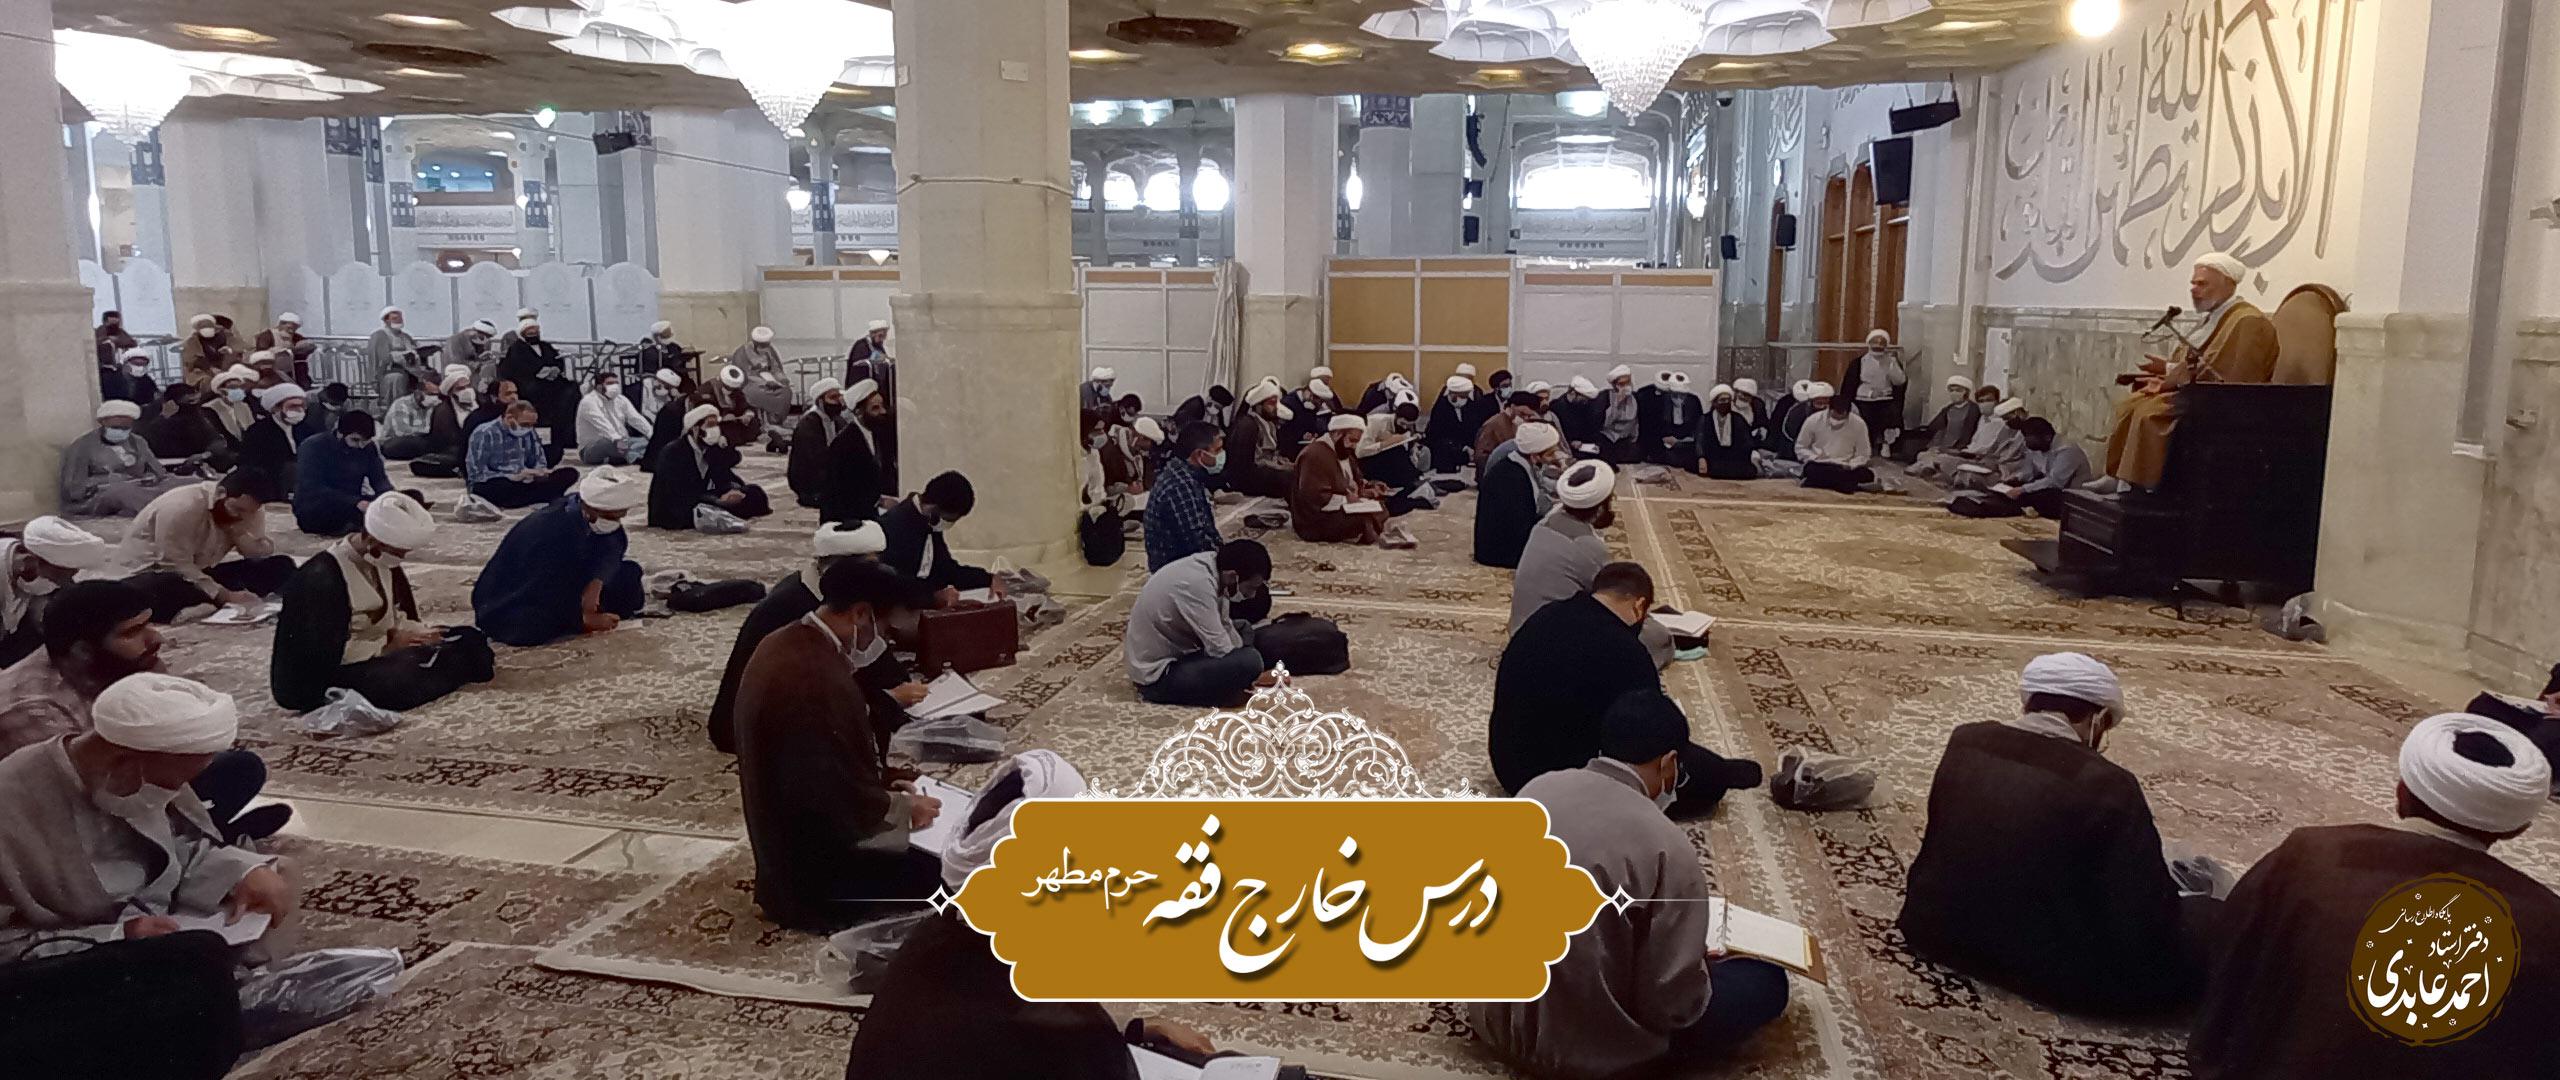 درس خارج فقه استاد احمد عابدی - 1400 -  شبستان امام خمینی، حرم مطهر حضرت معصومه